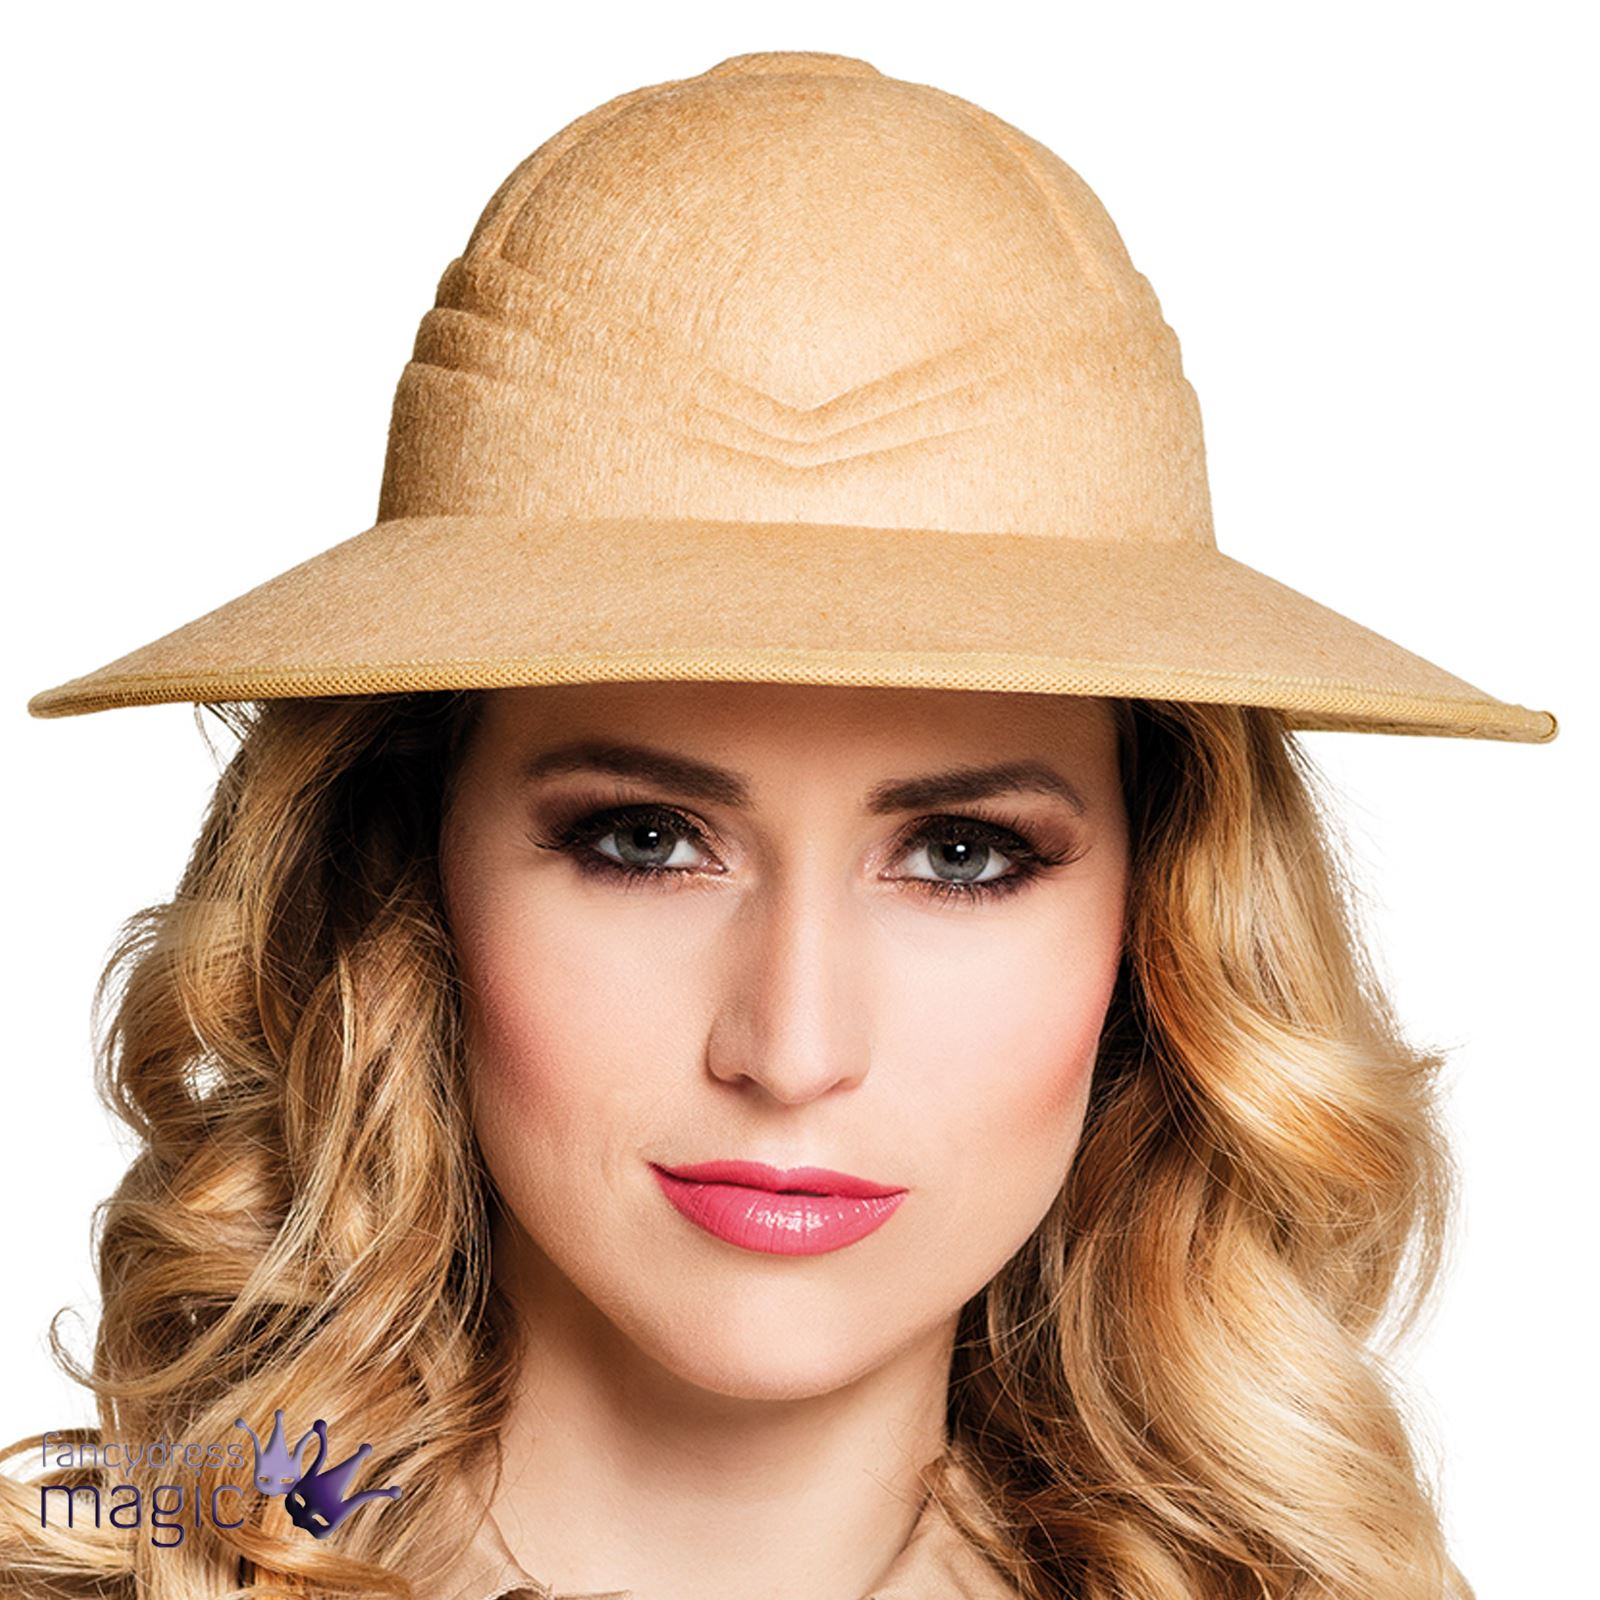 Disfraces hombre adulto damas Safari selva explorador africano salacot  sombrero e069893edaf